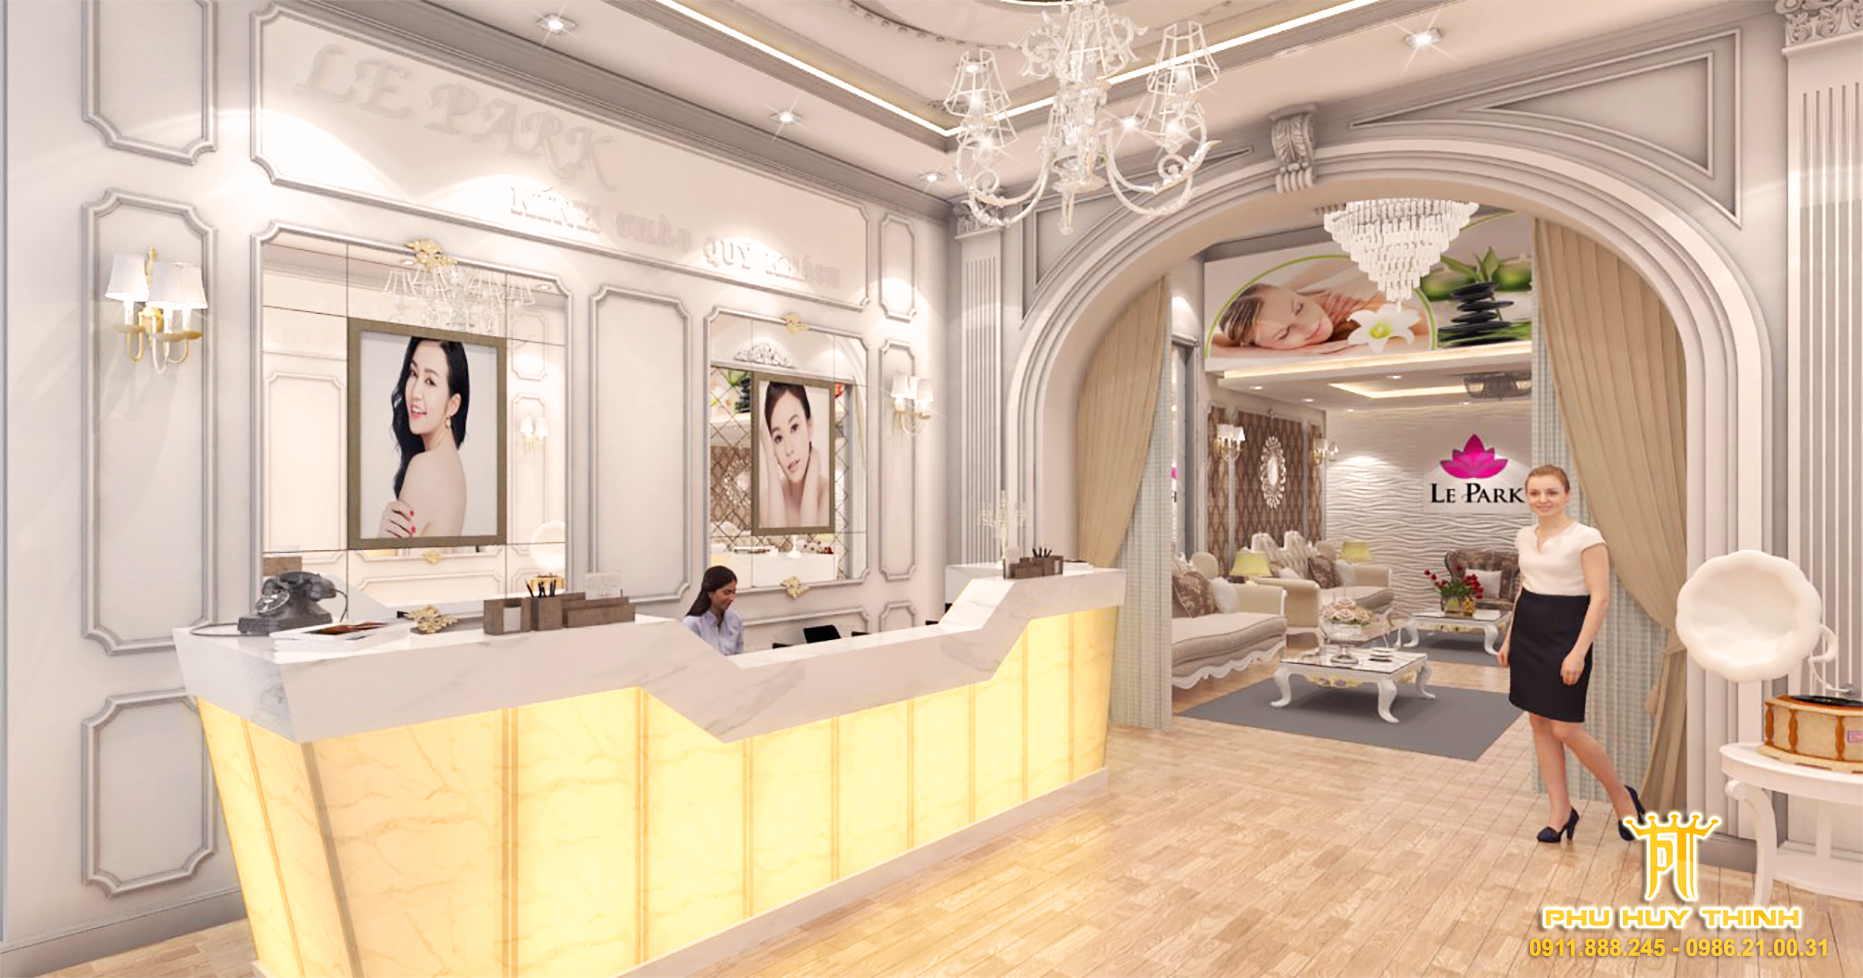 thiết kế nội thất Spa tại Đà Nẵng Le Park Spa 2 1537532052